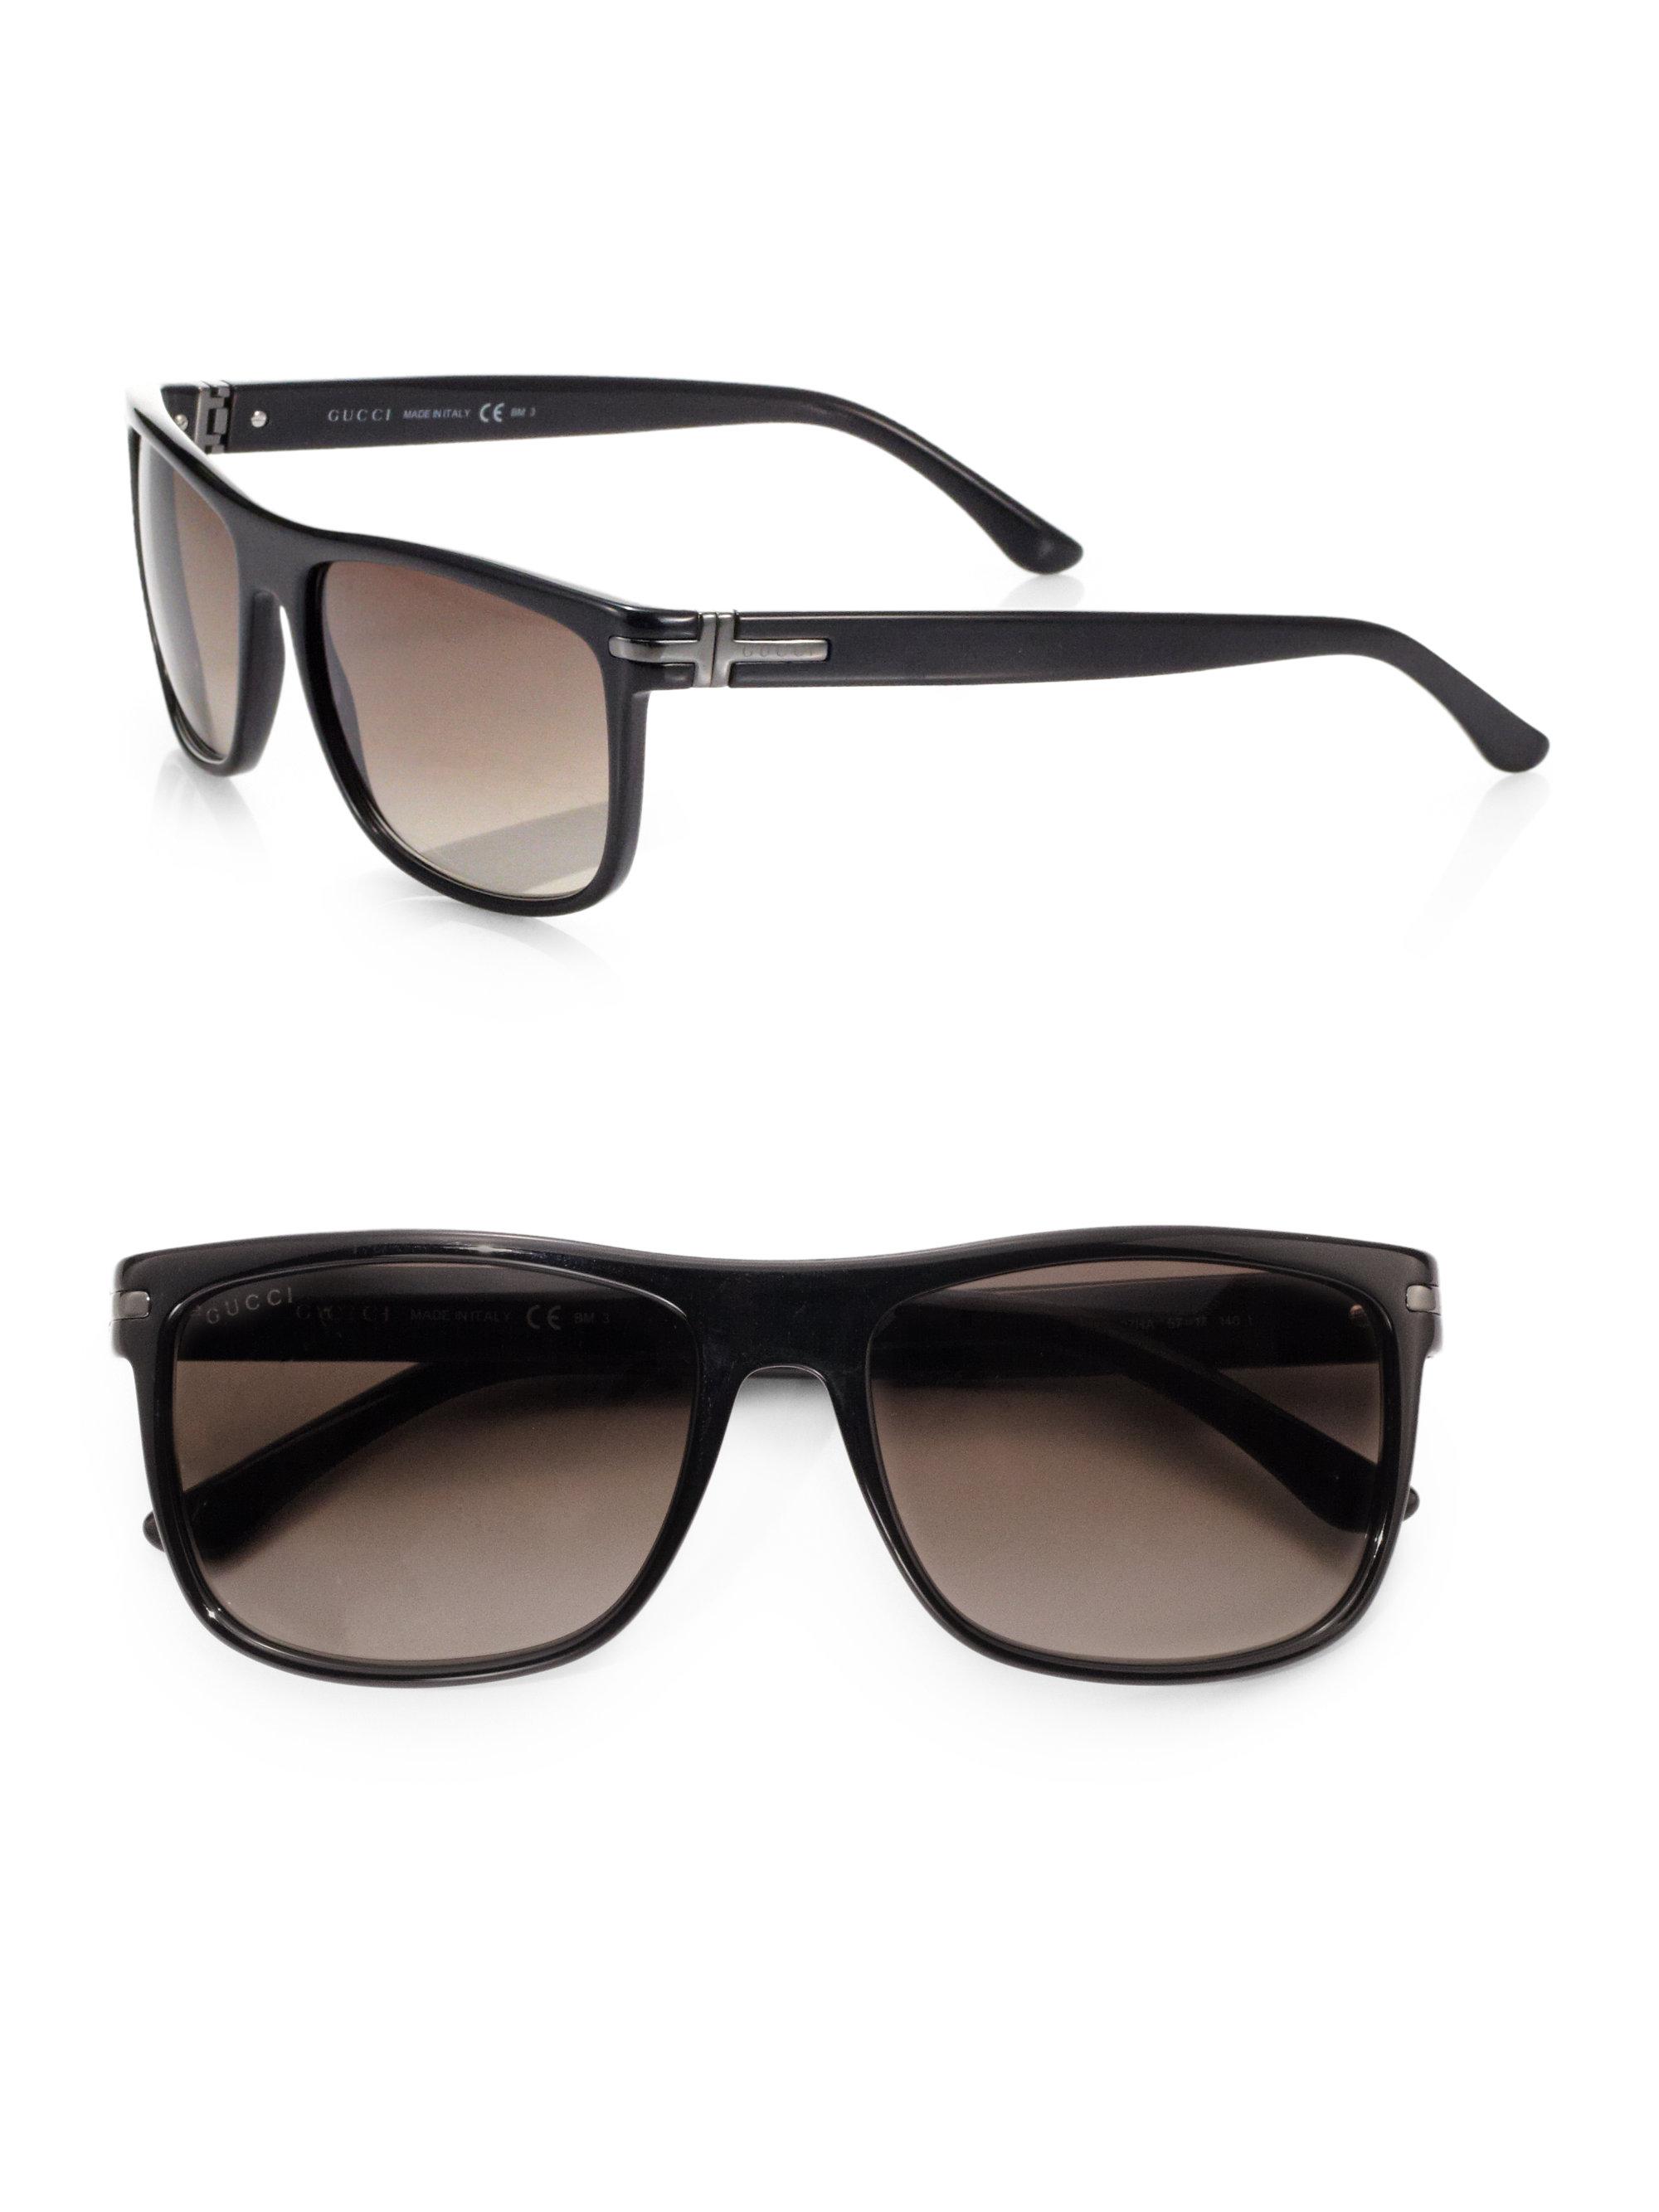 1e1afeb45a Mens Gucci Sunglasses Sale